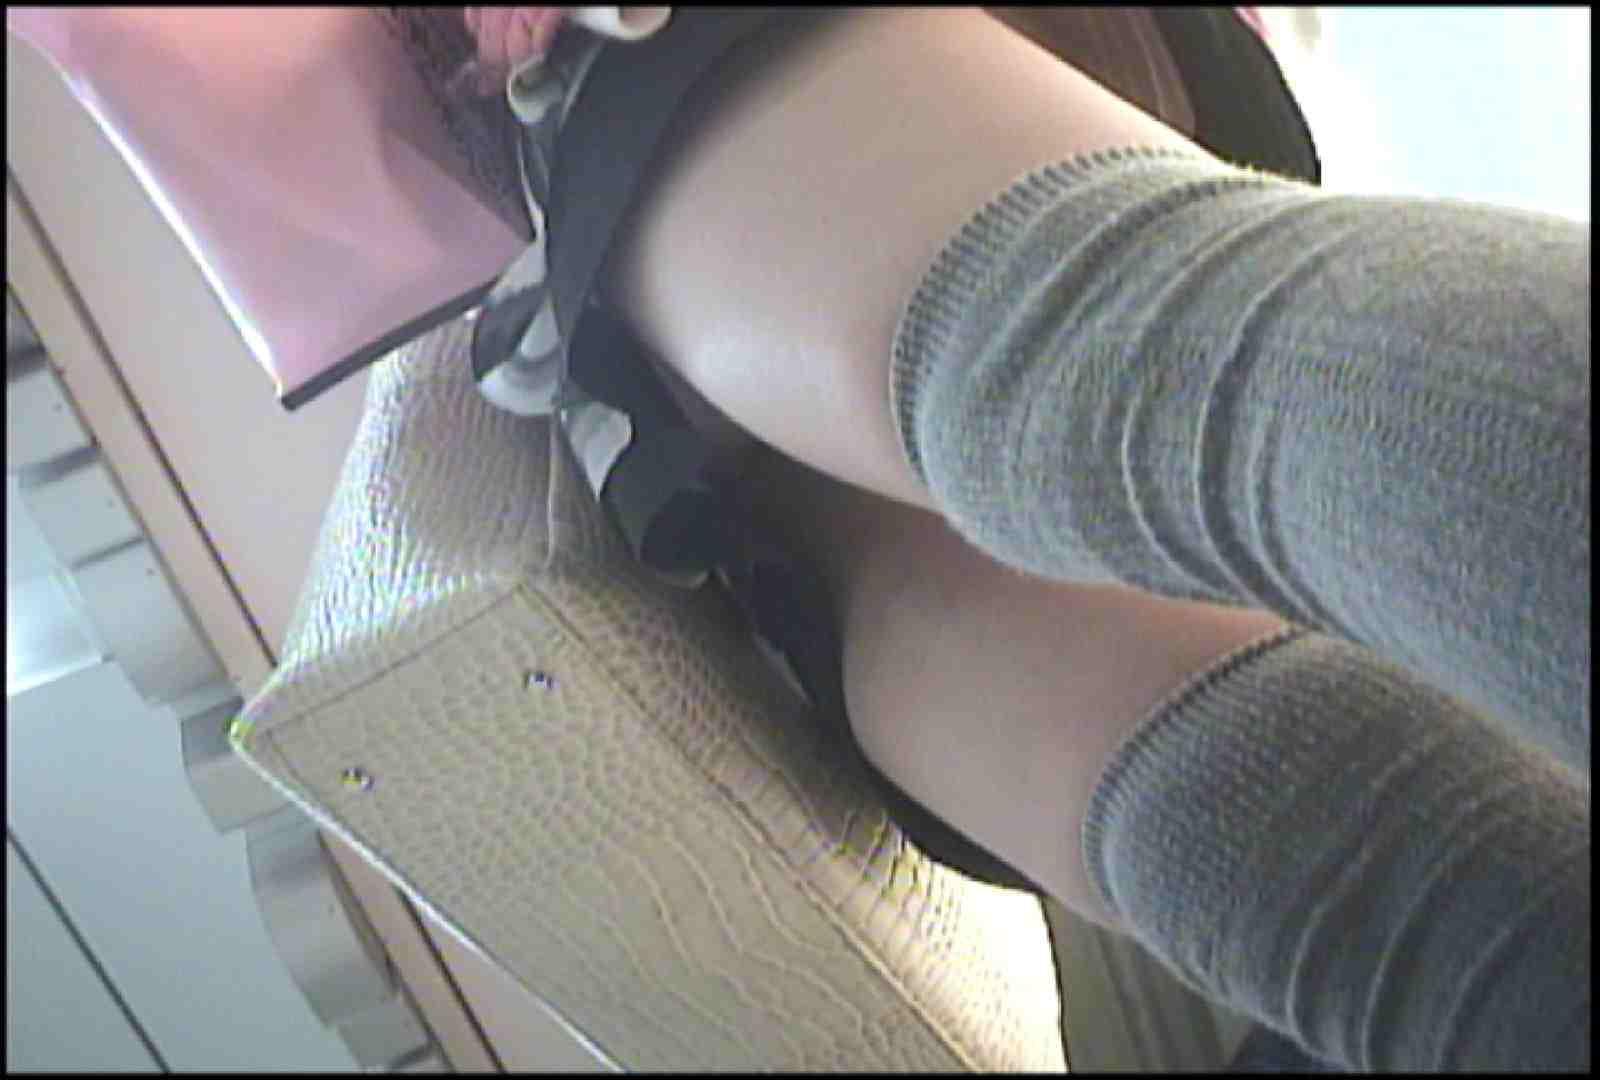 「しん」さんの逆さバイキングVol.1 パンチラ 隠し撮りオマンコ動画紹介 95pic 68